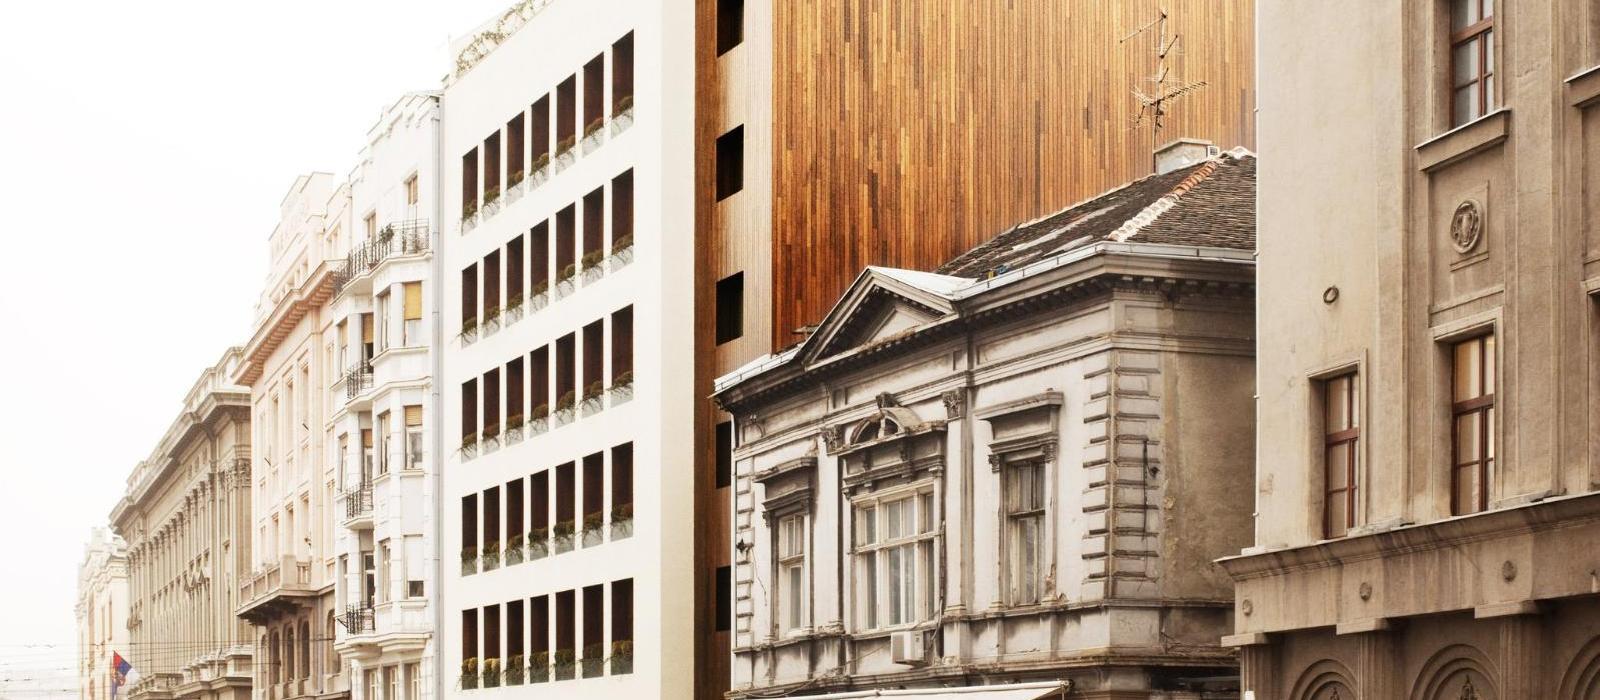 贝尔格莱德久场大酒店(Square Nine Hotel Belgrade) 图片  www.lhw.cn